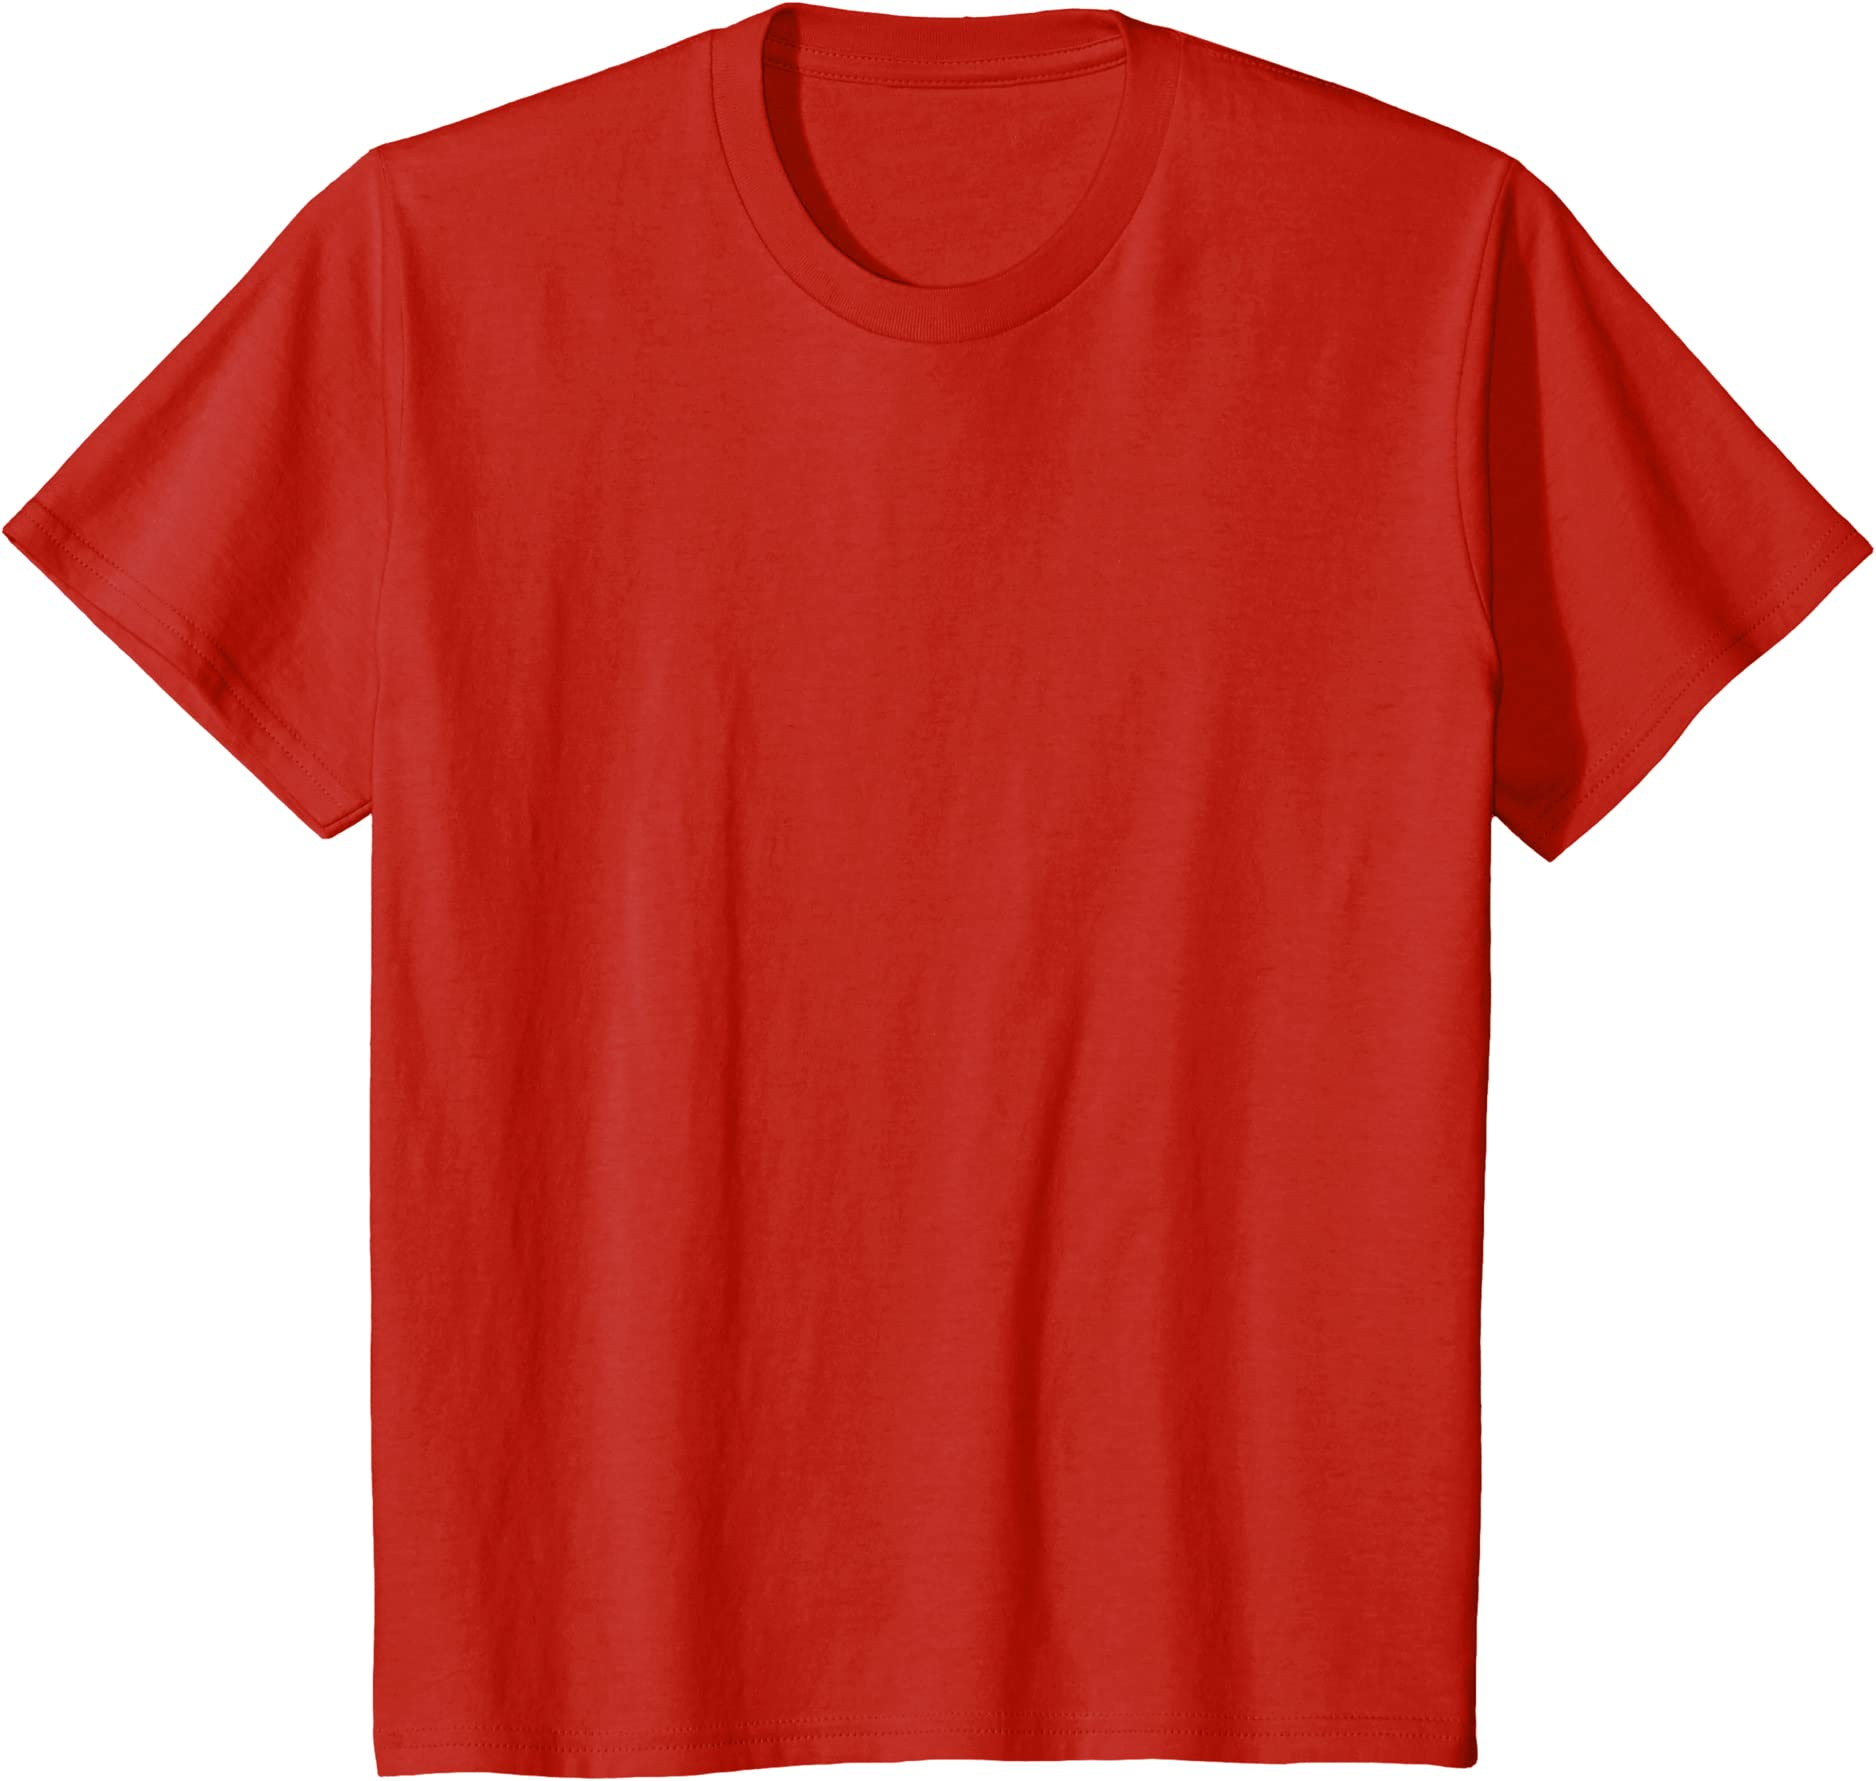 Mens Shirt High School Teacher Definition Tee Shirt Womens Shirt